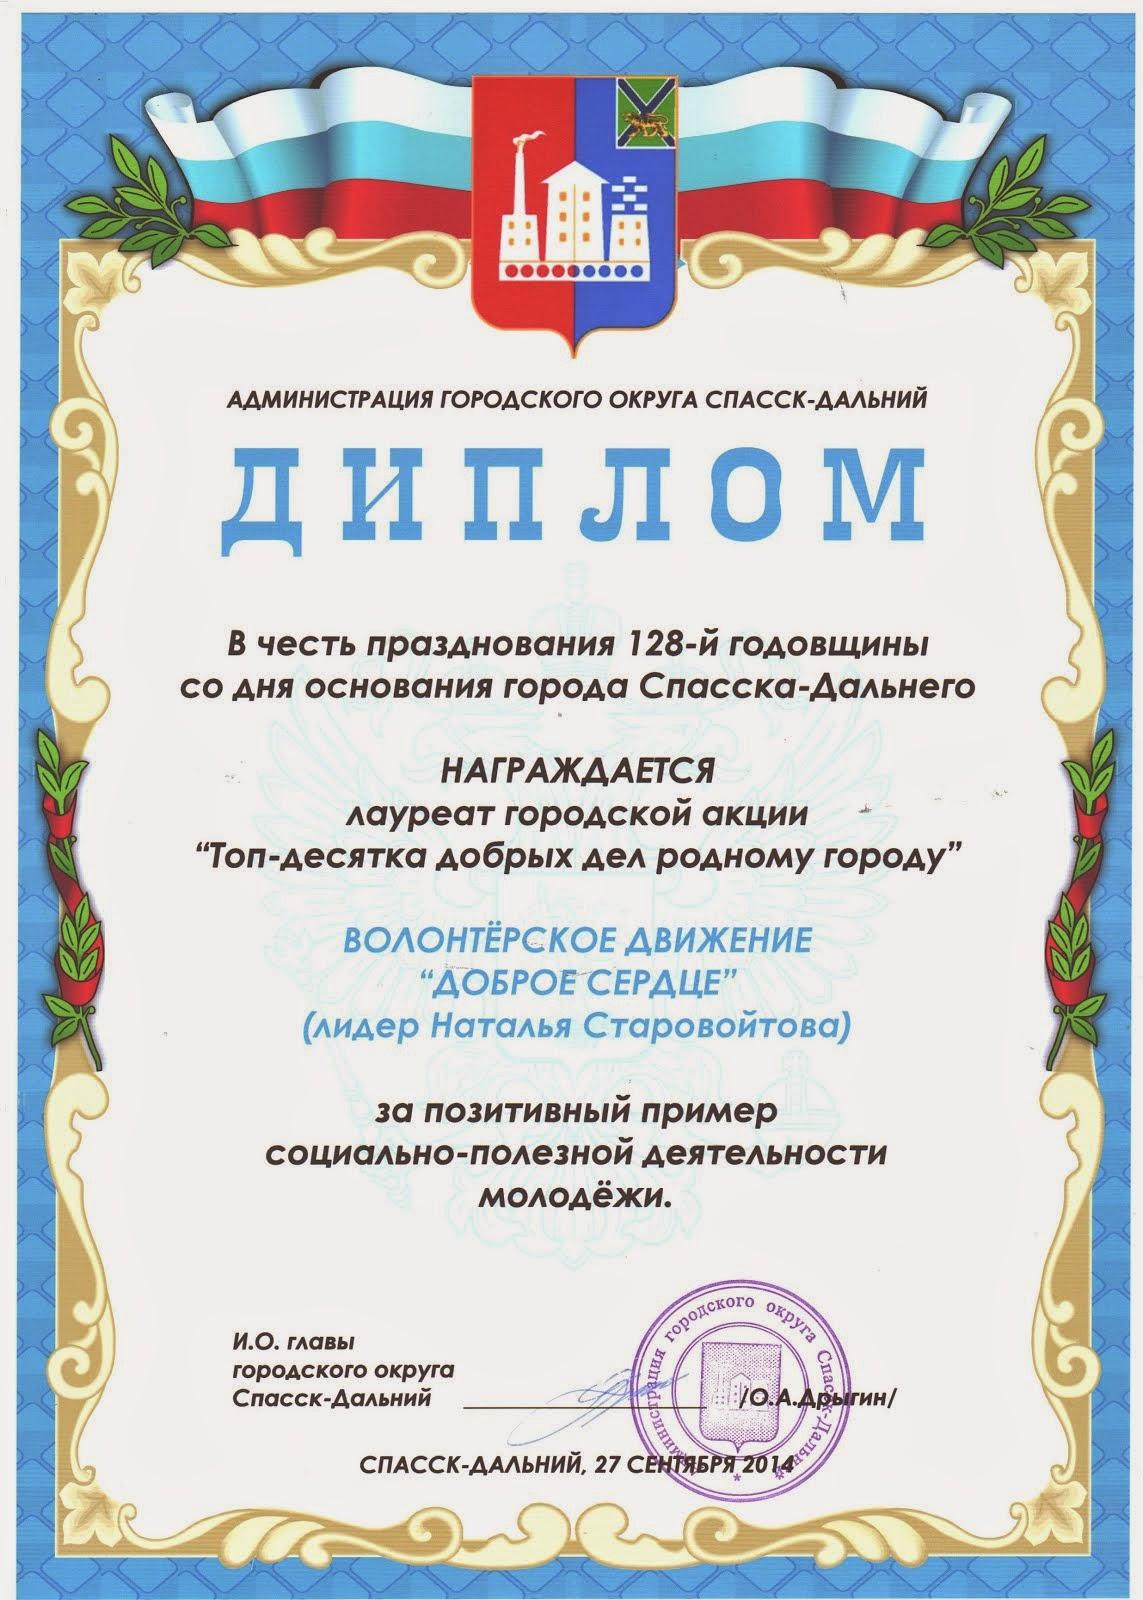 """27.09.14 Диплом """"10-ка Добрых дел городу"""""""